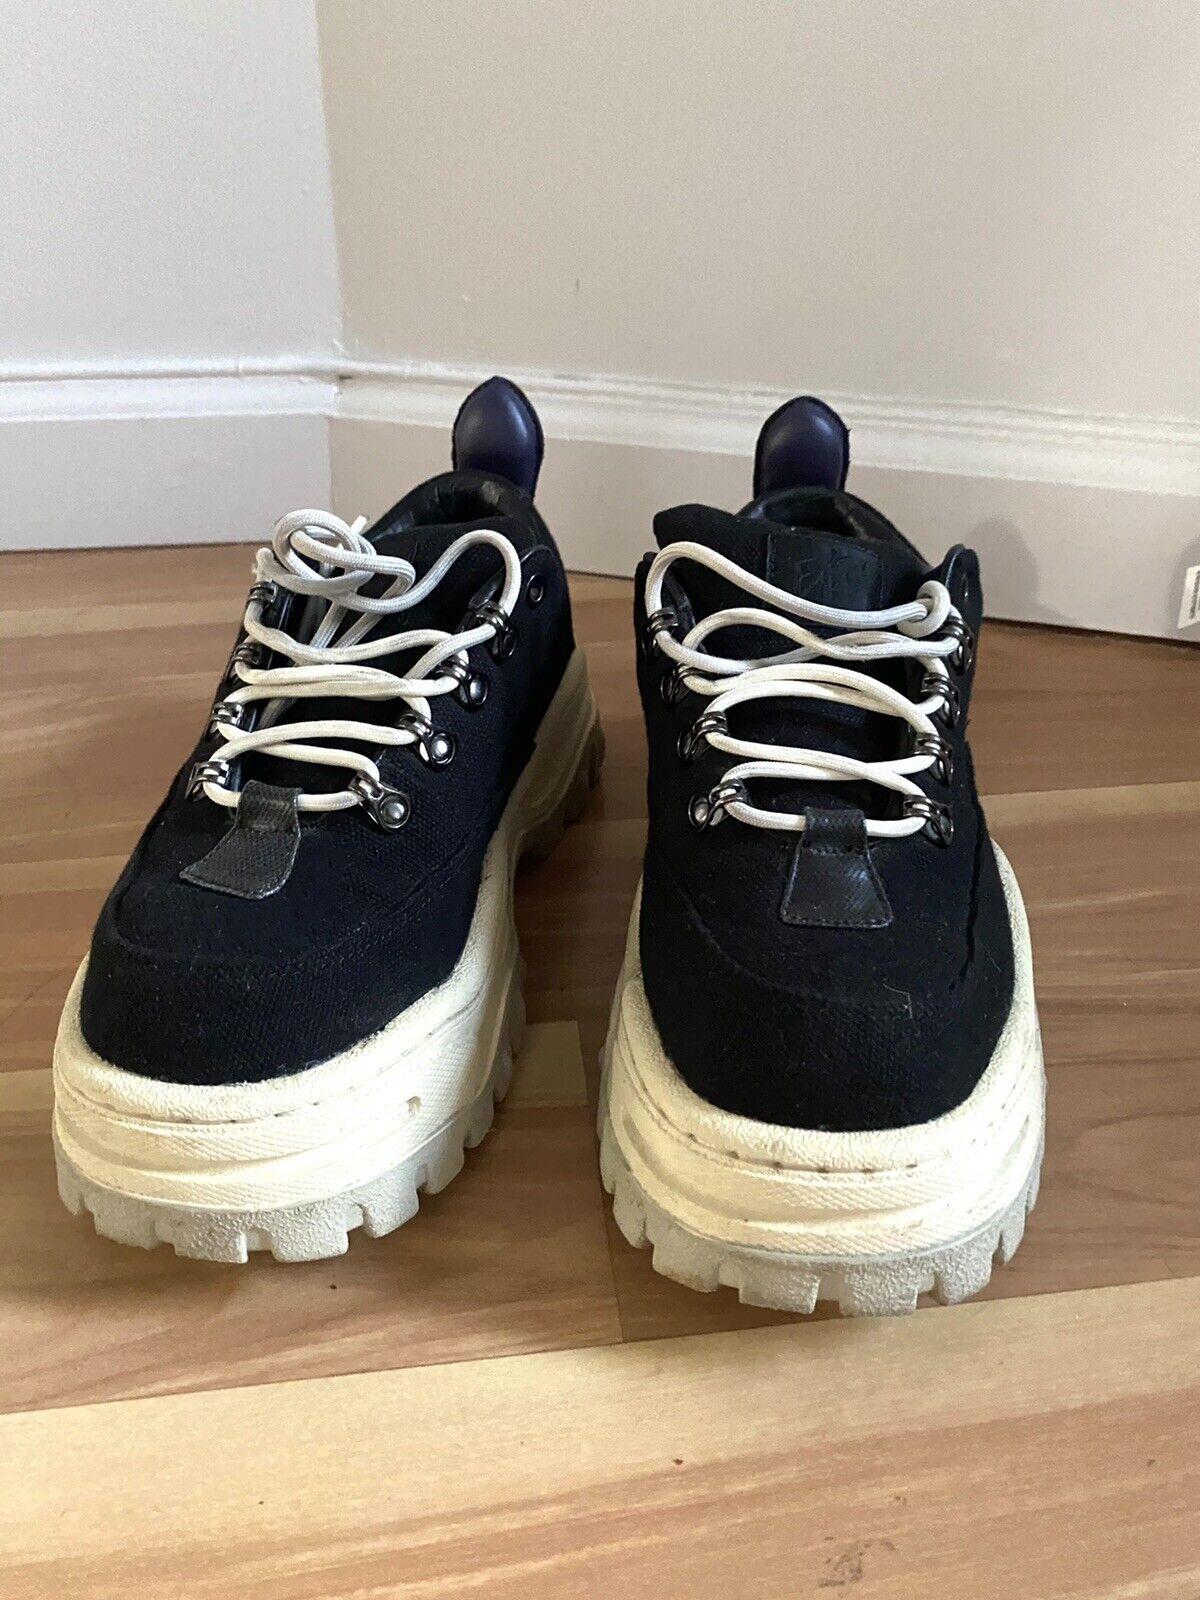 EYTYS Platform sneakers US7 - image 1